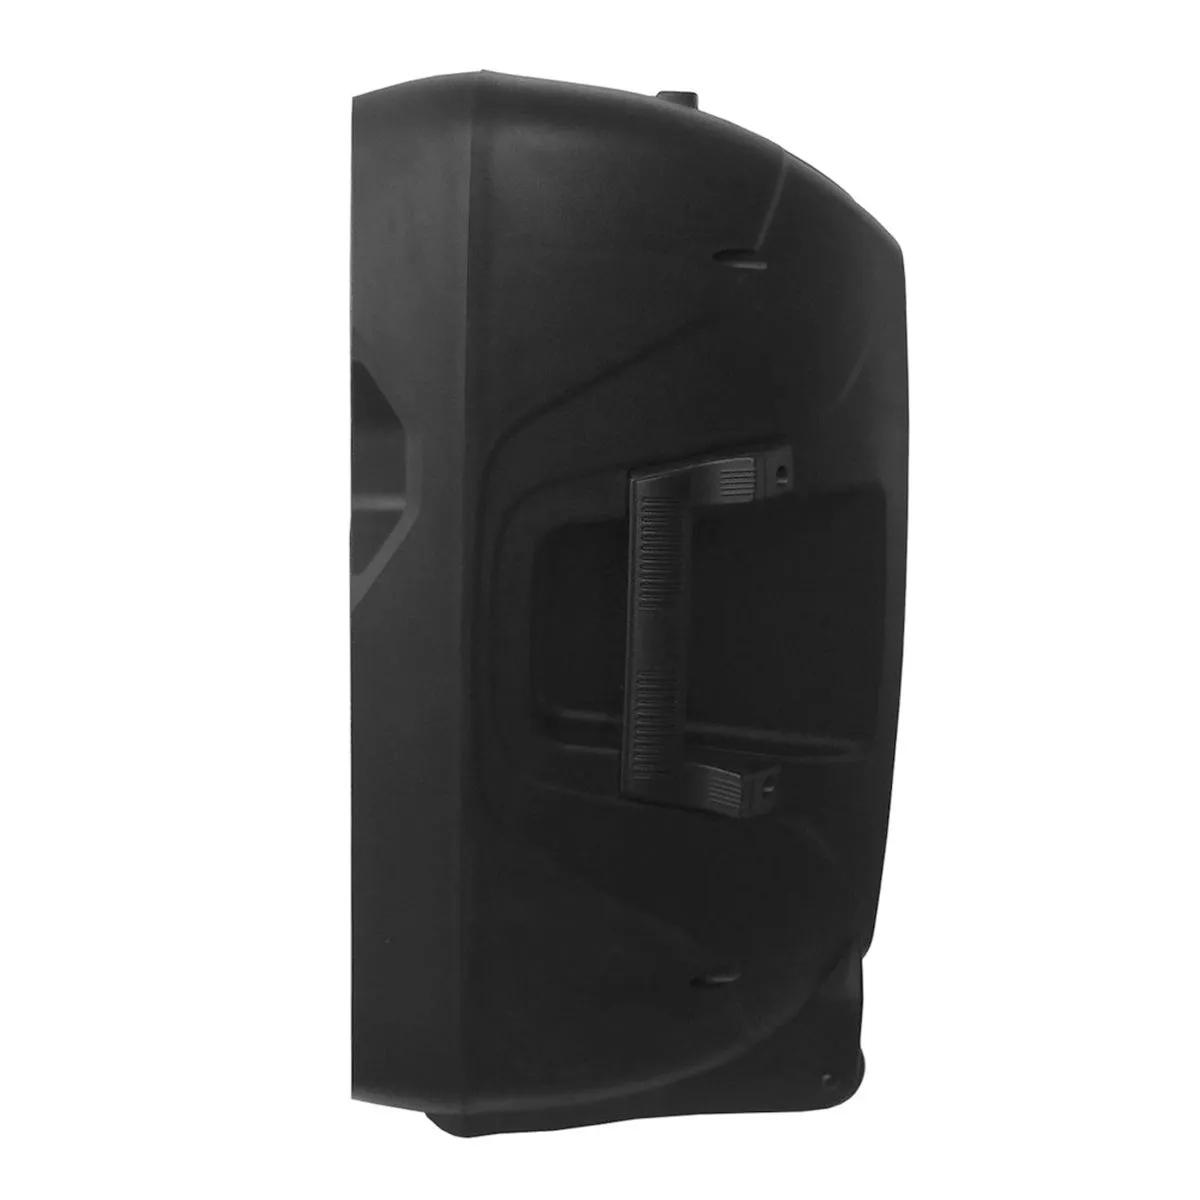 Caixa Acústica Ativa WLS S12 12 250W Bluetooth/ USB